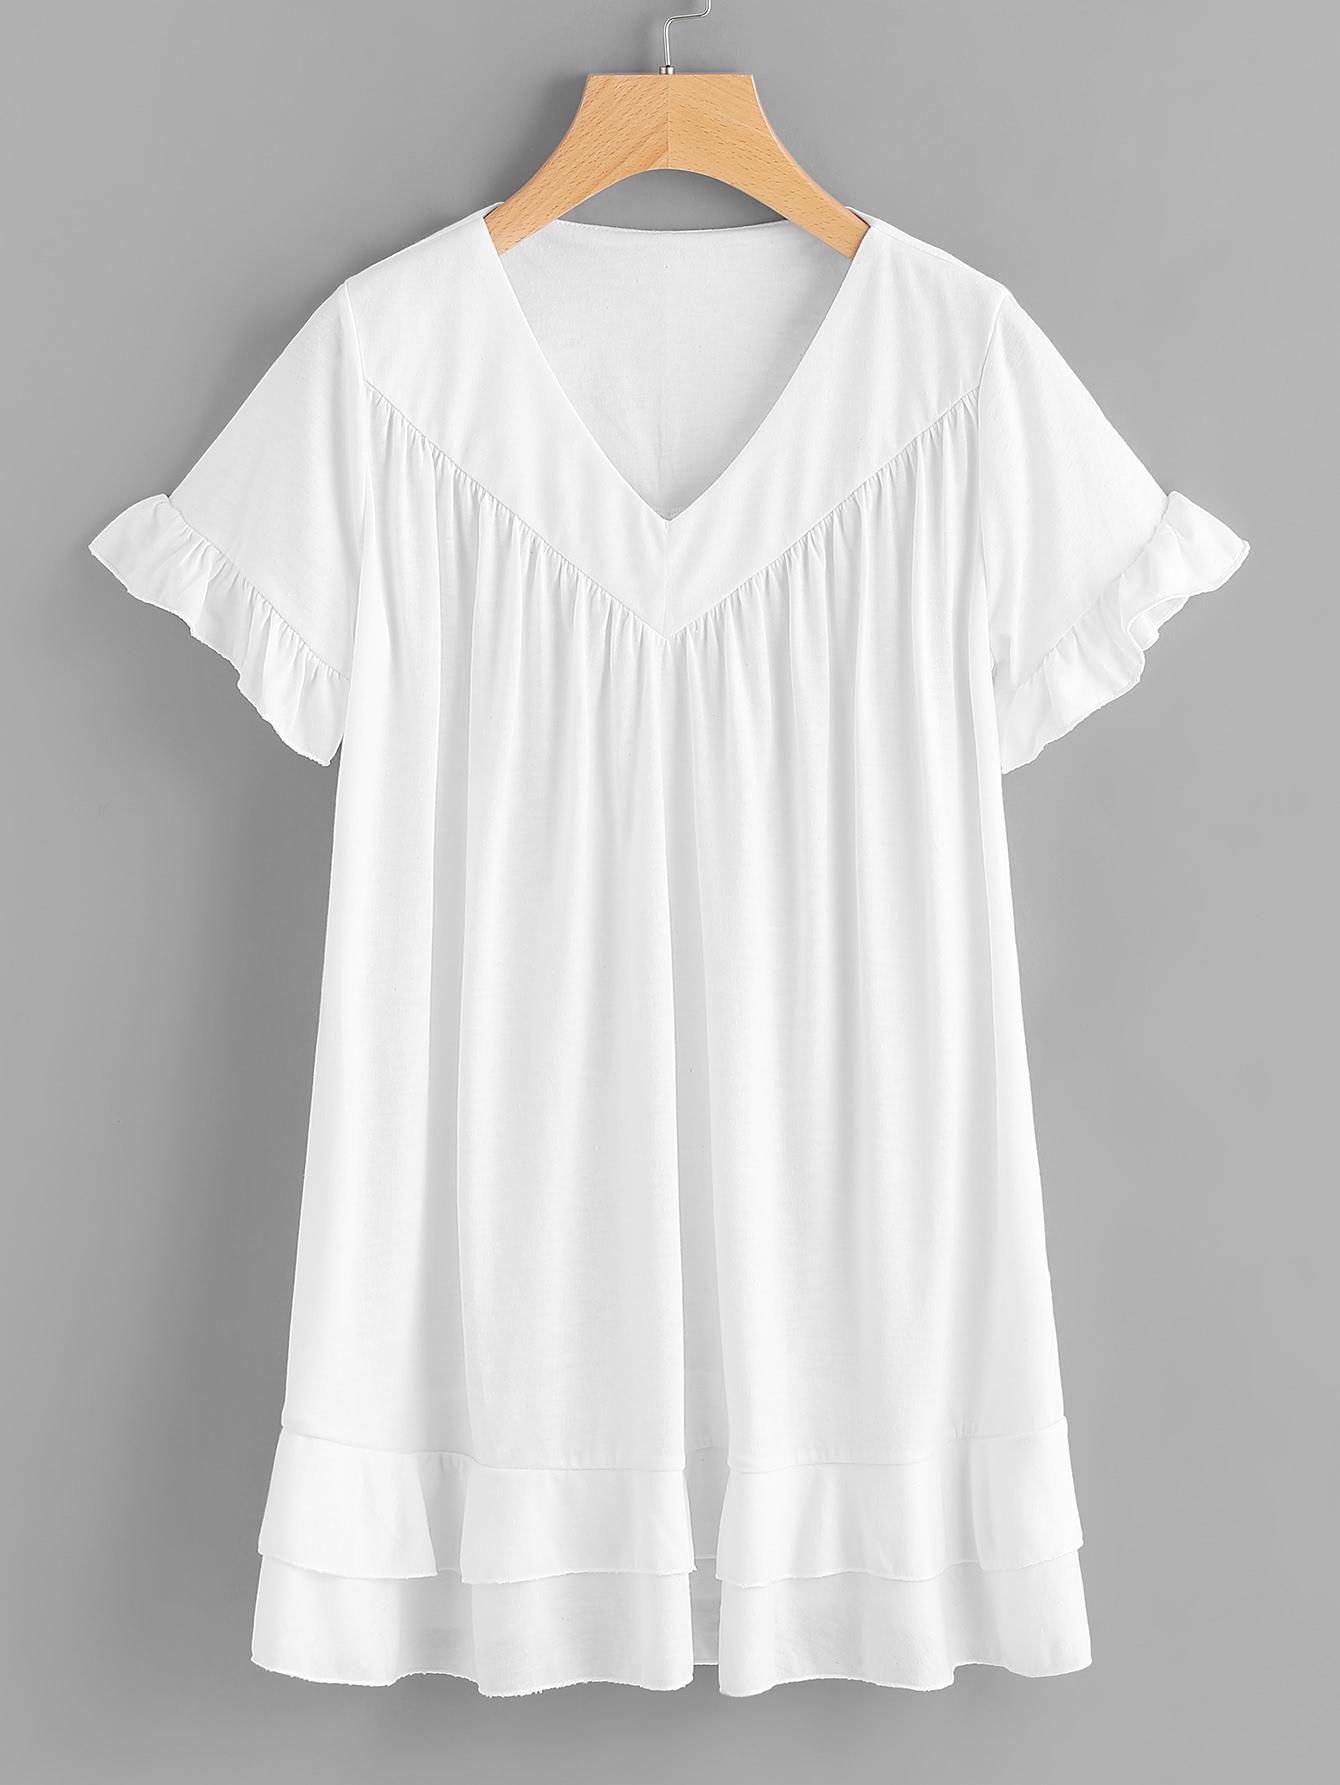 V-neckline Frill Trim Tee Dress dress170509105